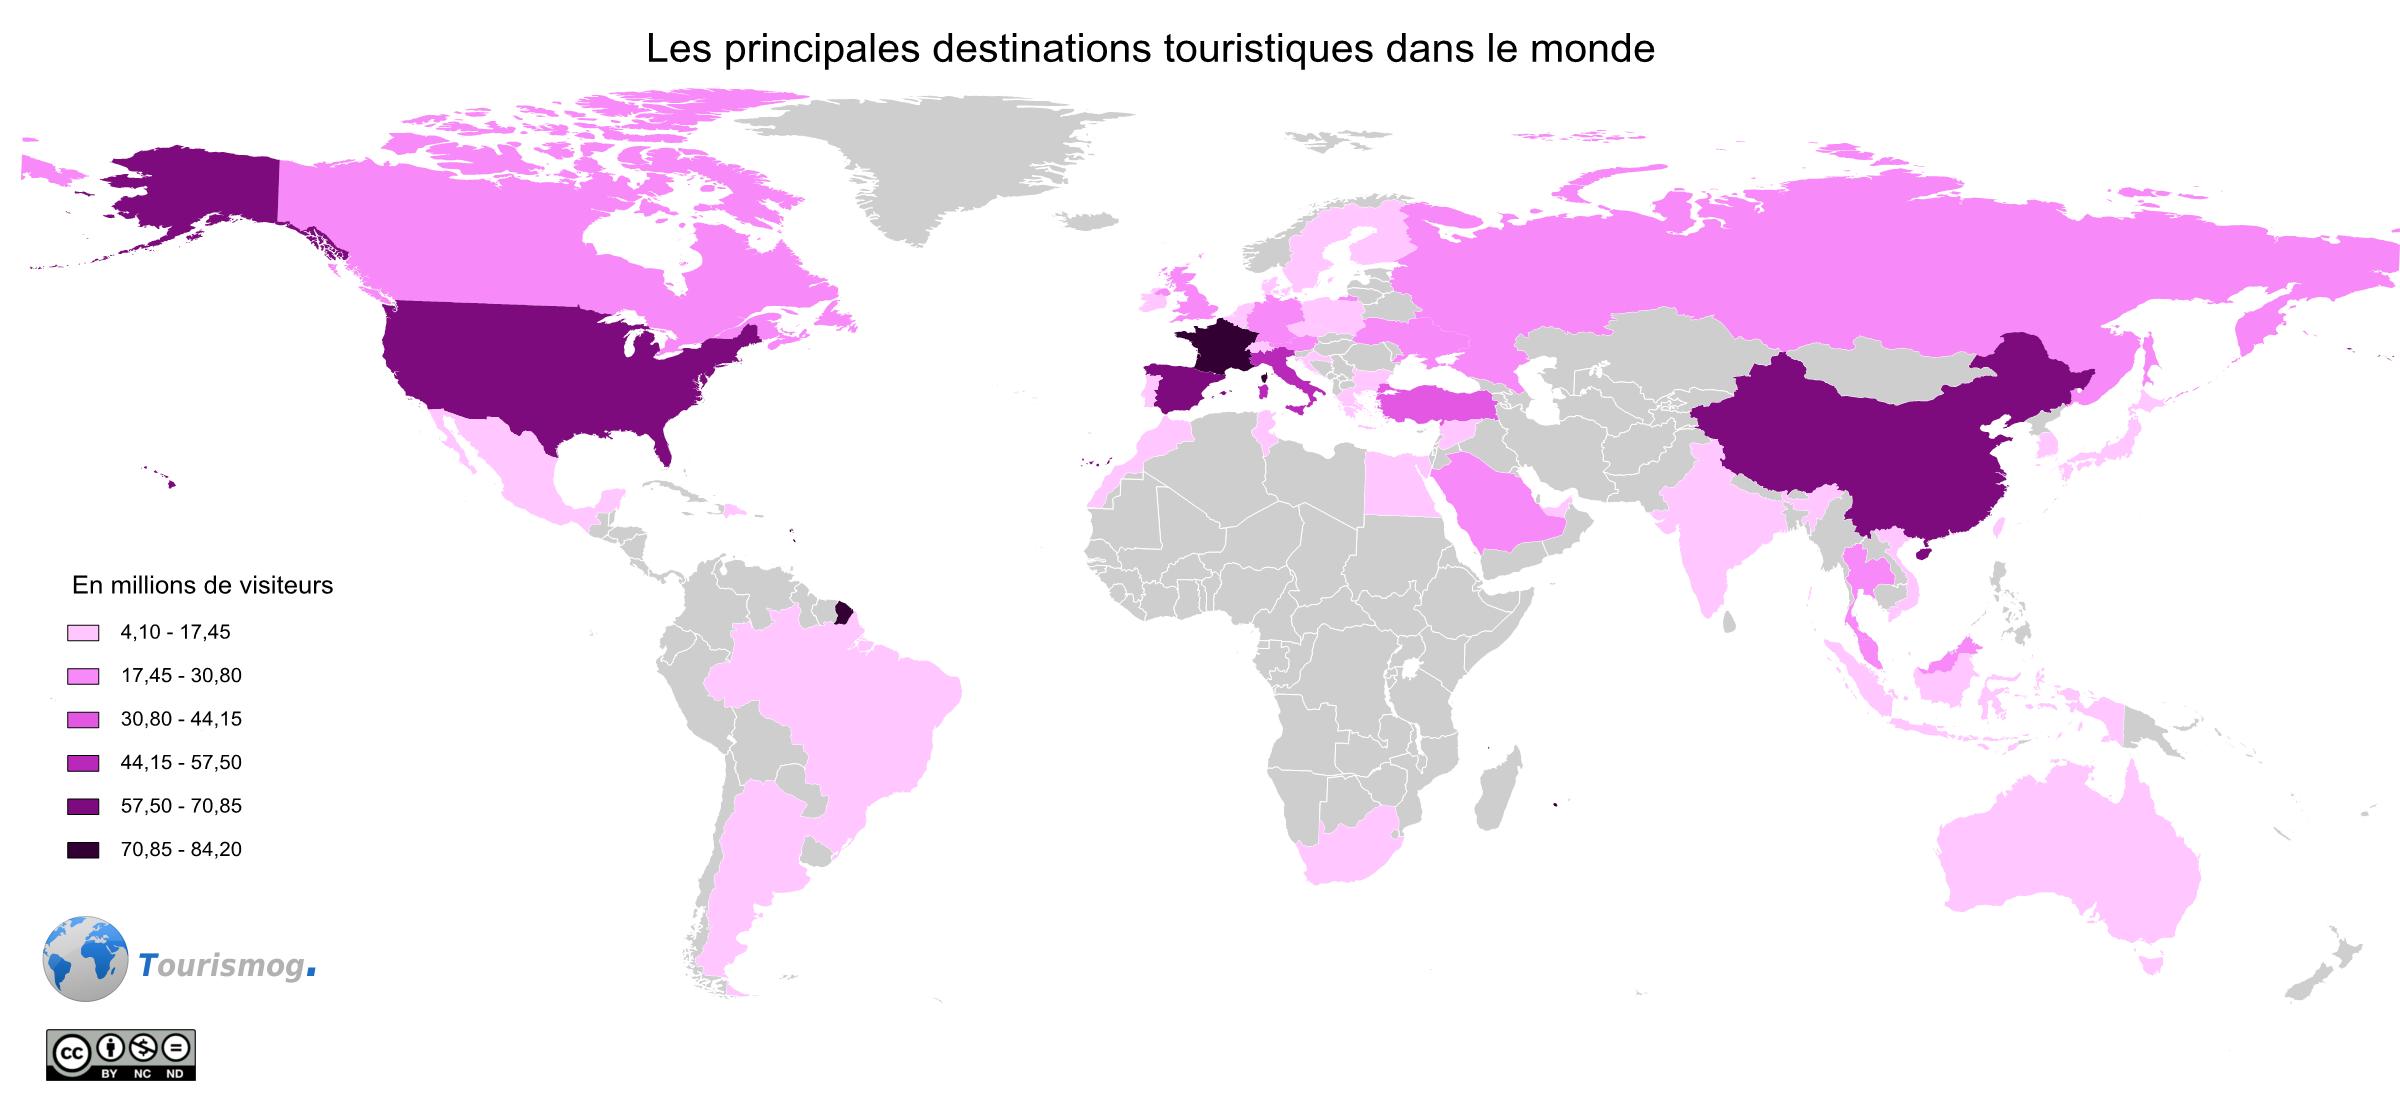 Carte des pays les plus visités dans le monde